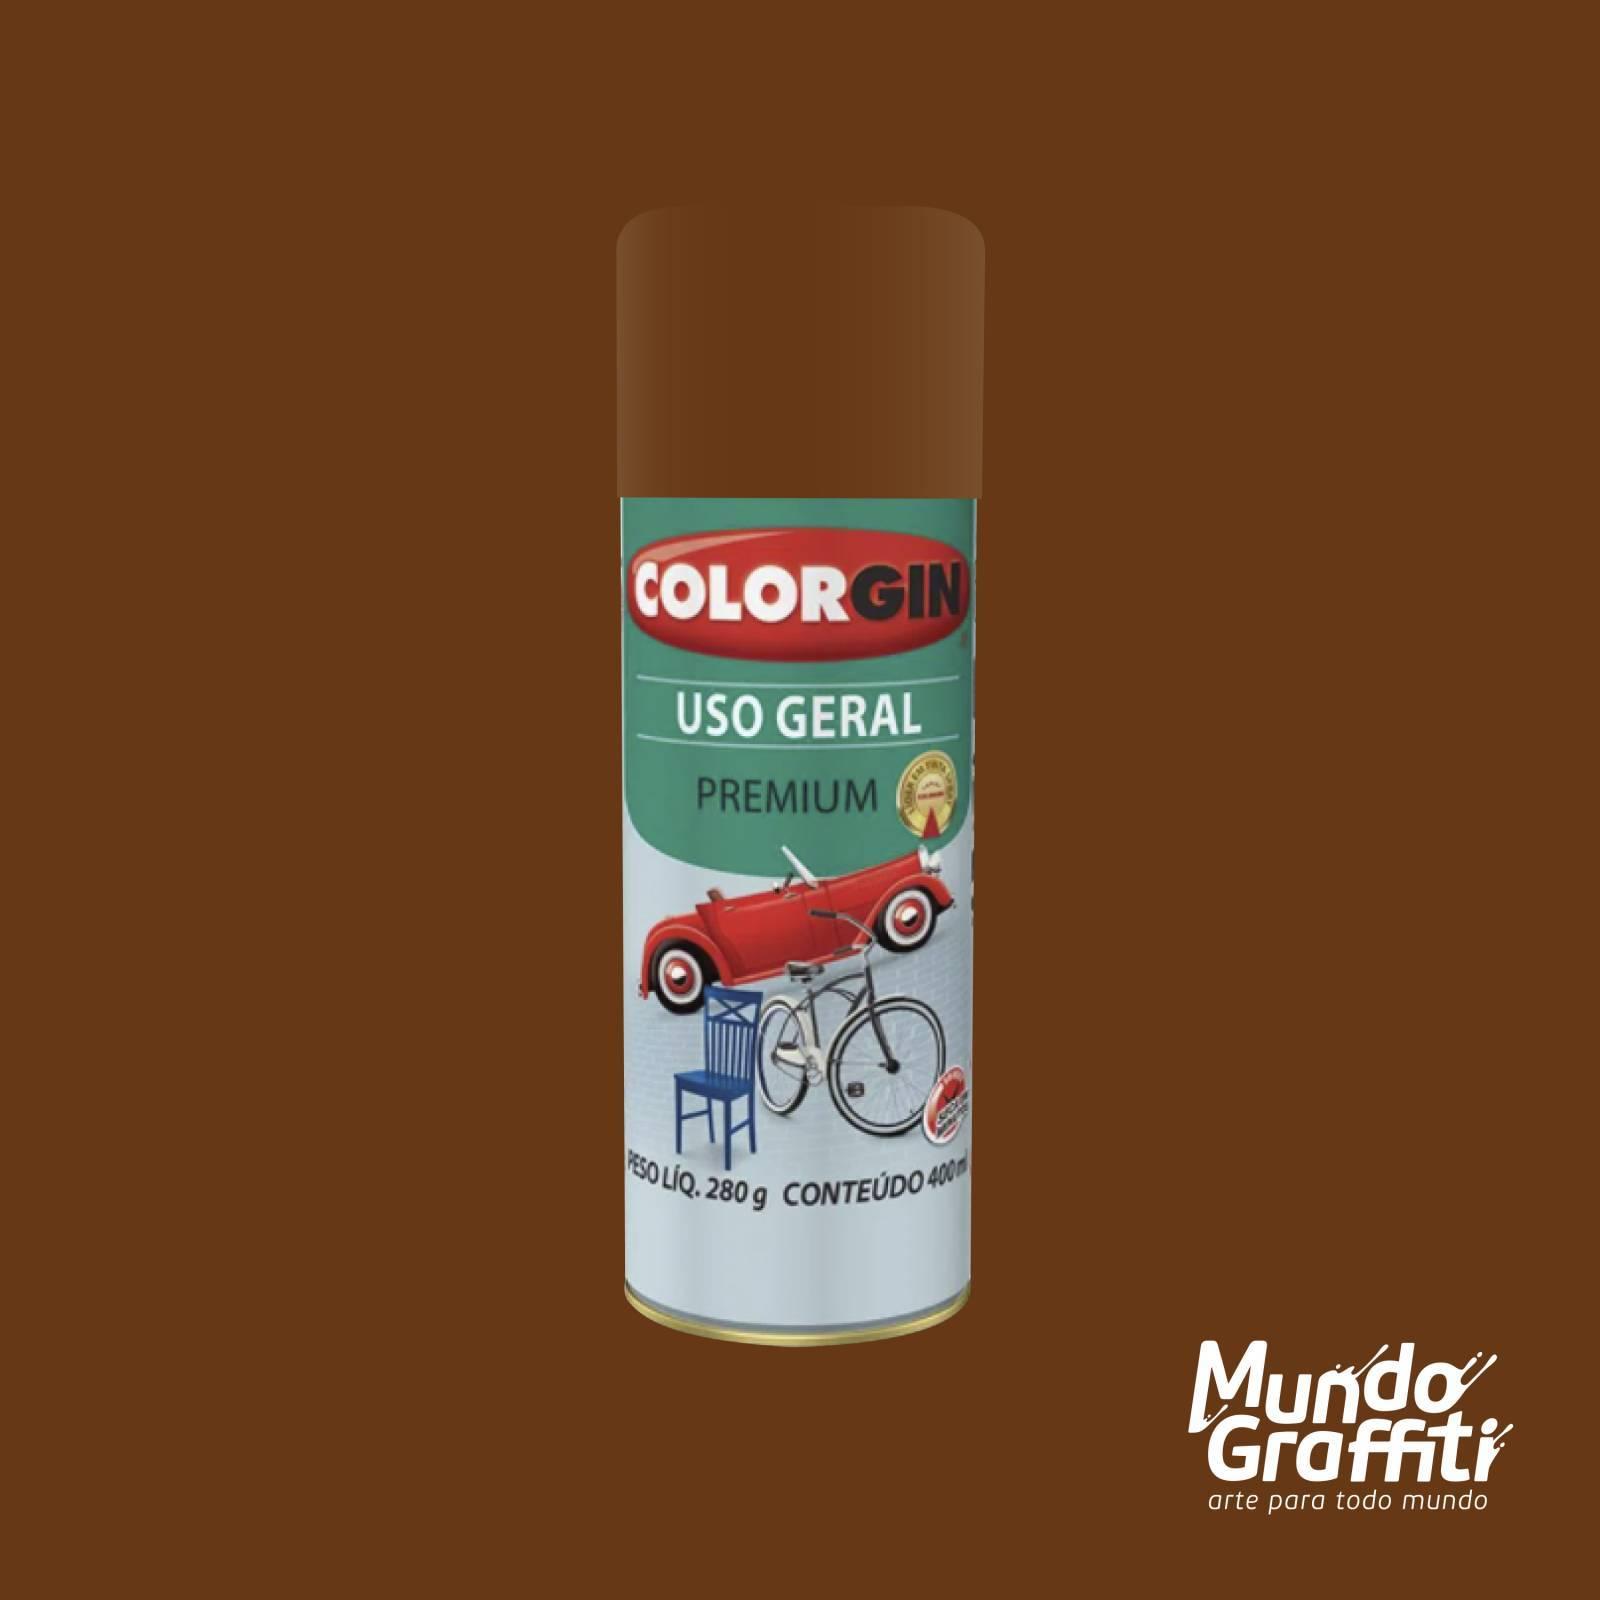 Tinta Spray Colorgin Uso Geral 55021 Primer Rapido Oxido 400 - Mundo Graffiti